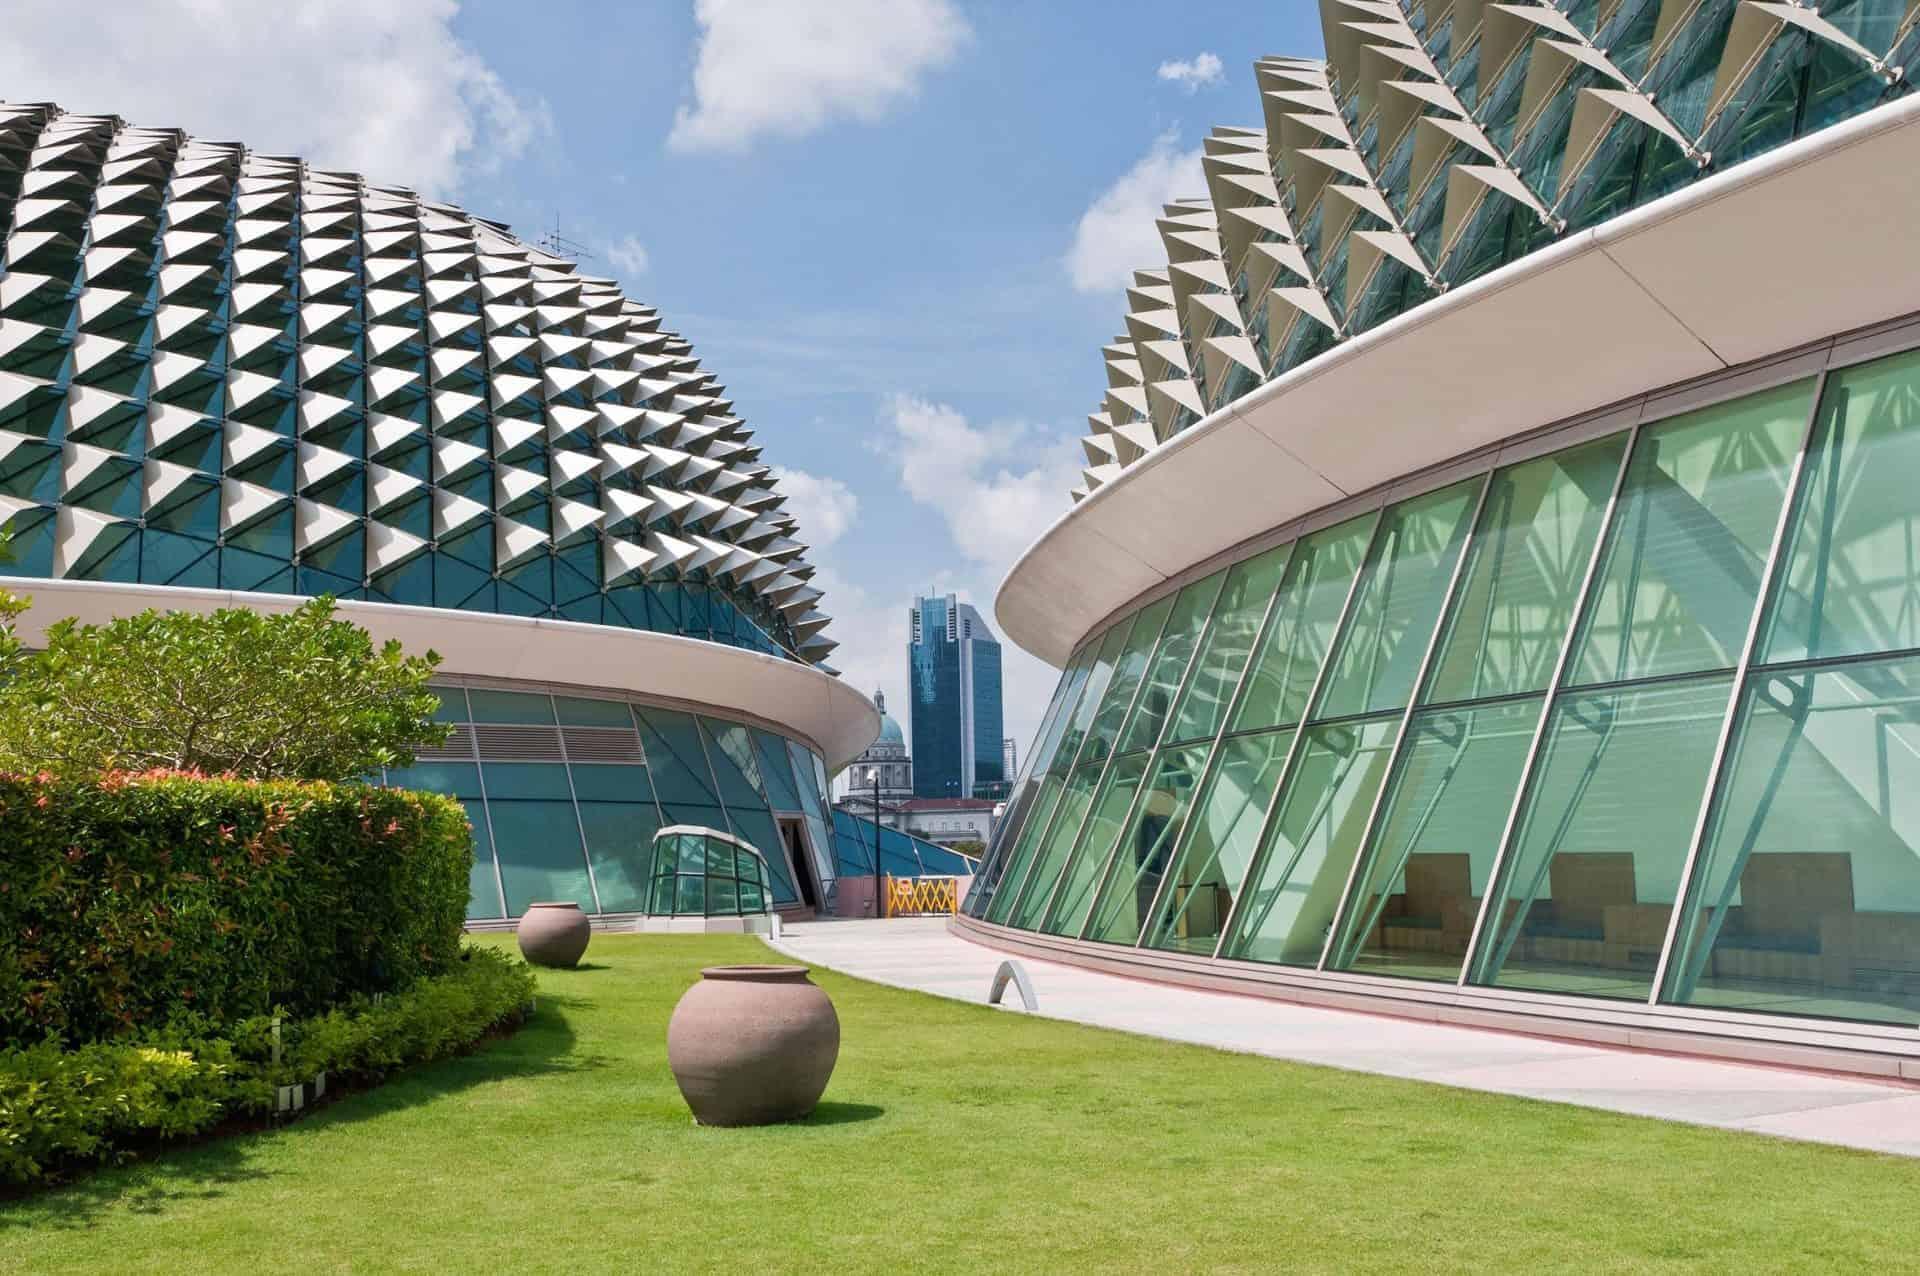 singapore_essential_esplanade_architecture-3133122